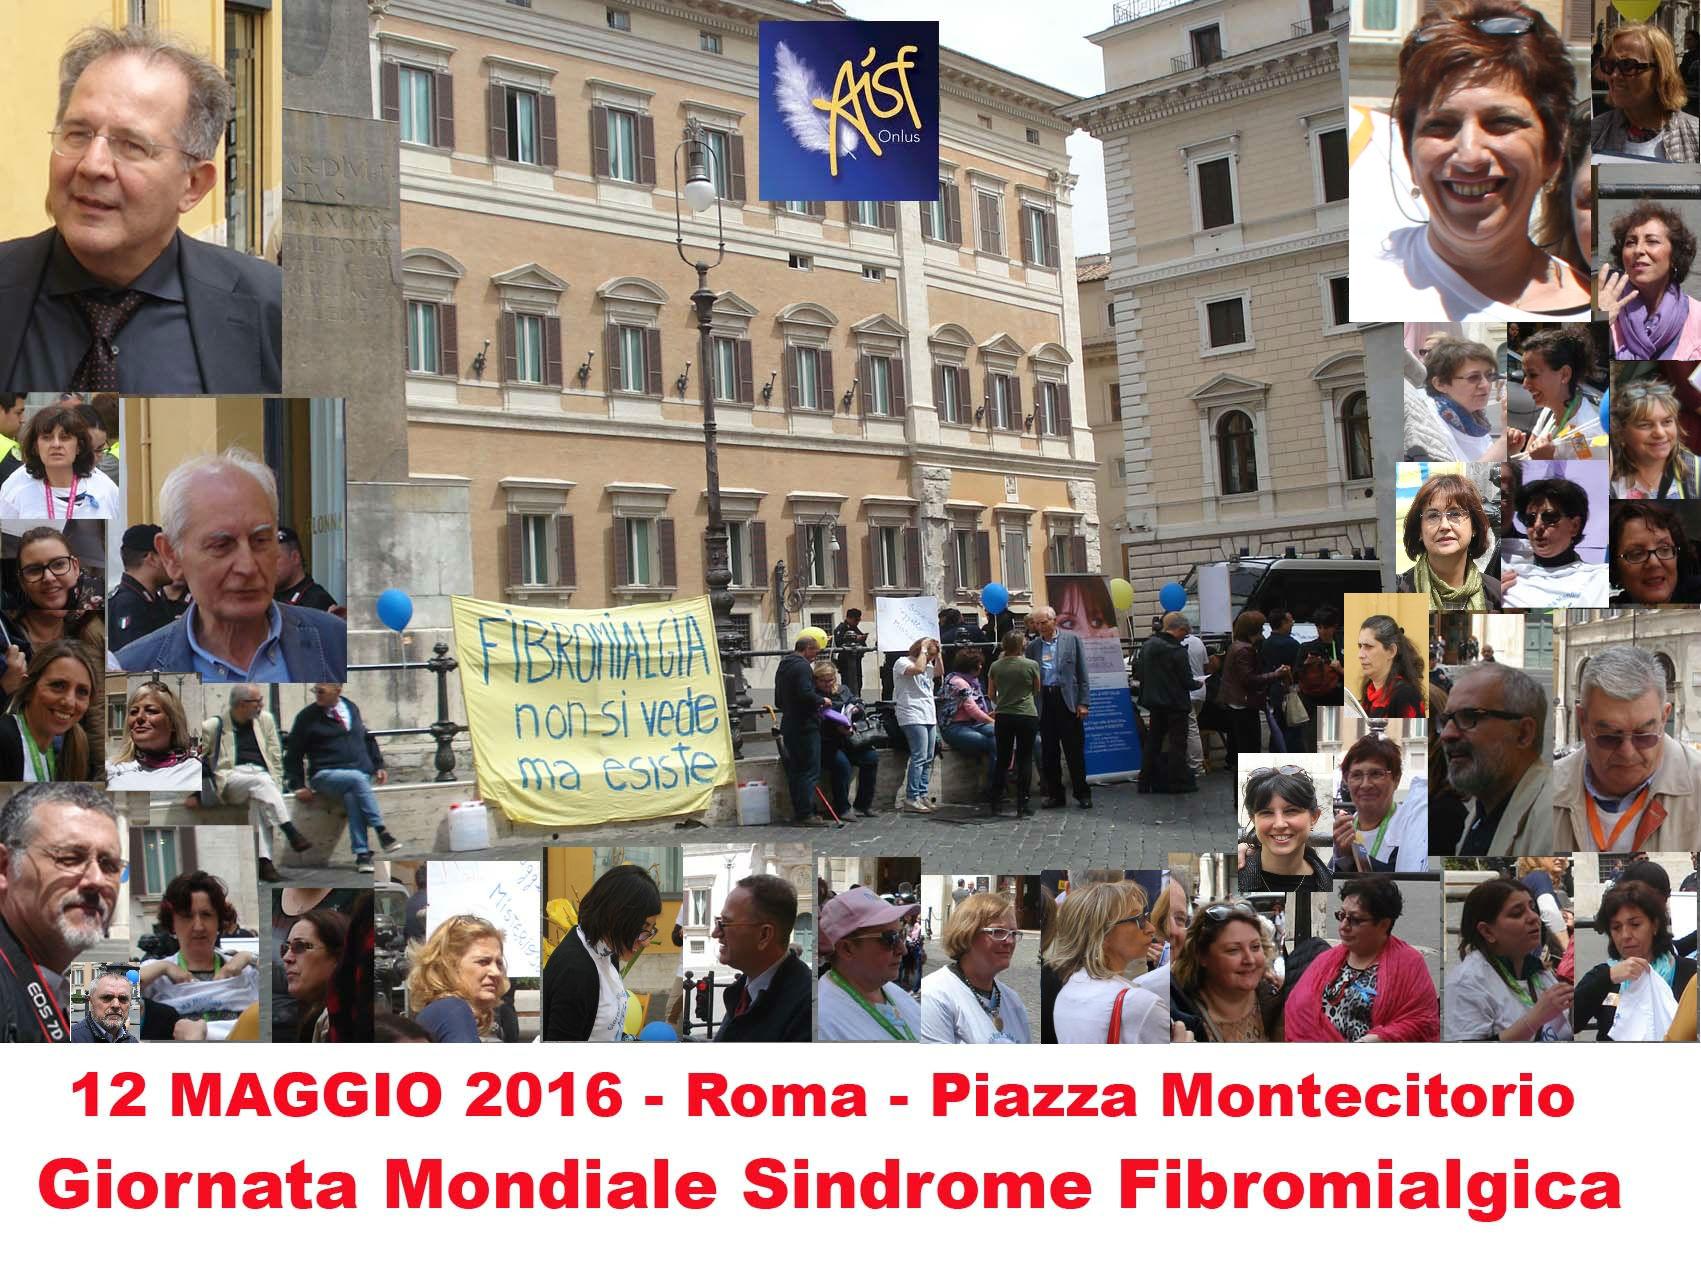 Foto ricordo manifestazione a Roma 12 maggio 2016-r100